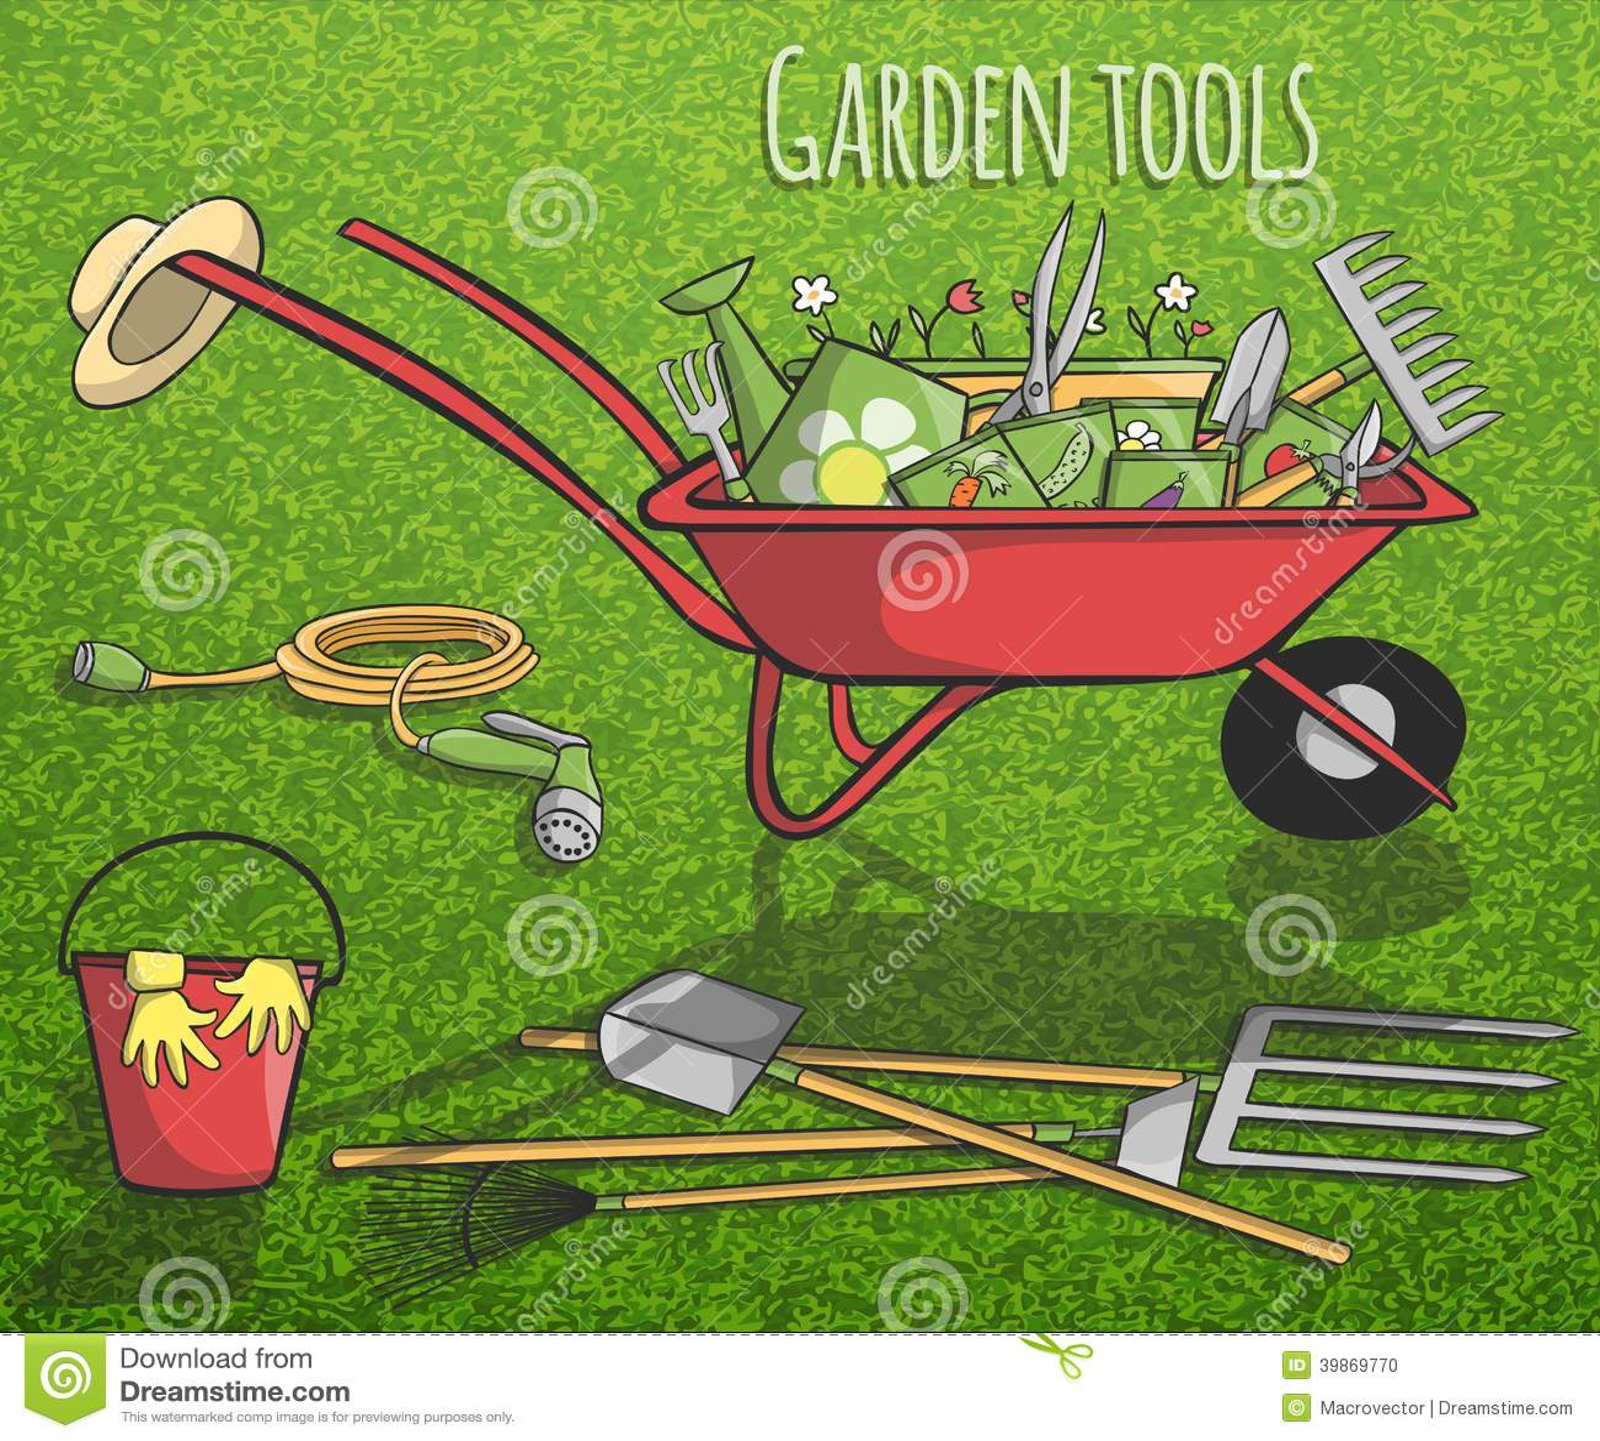 Affiche de concept d 39 outils de jardin illustration de - Outils de jardin wolf ...